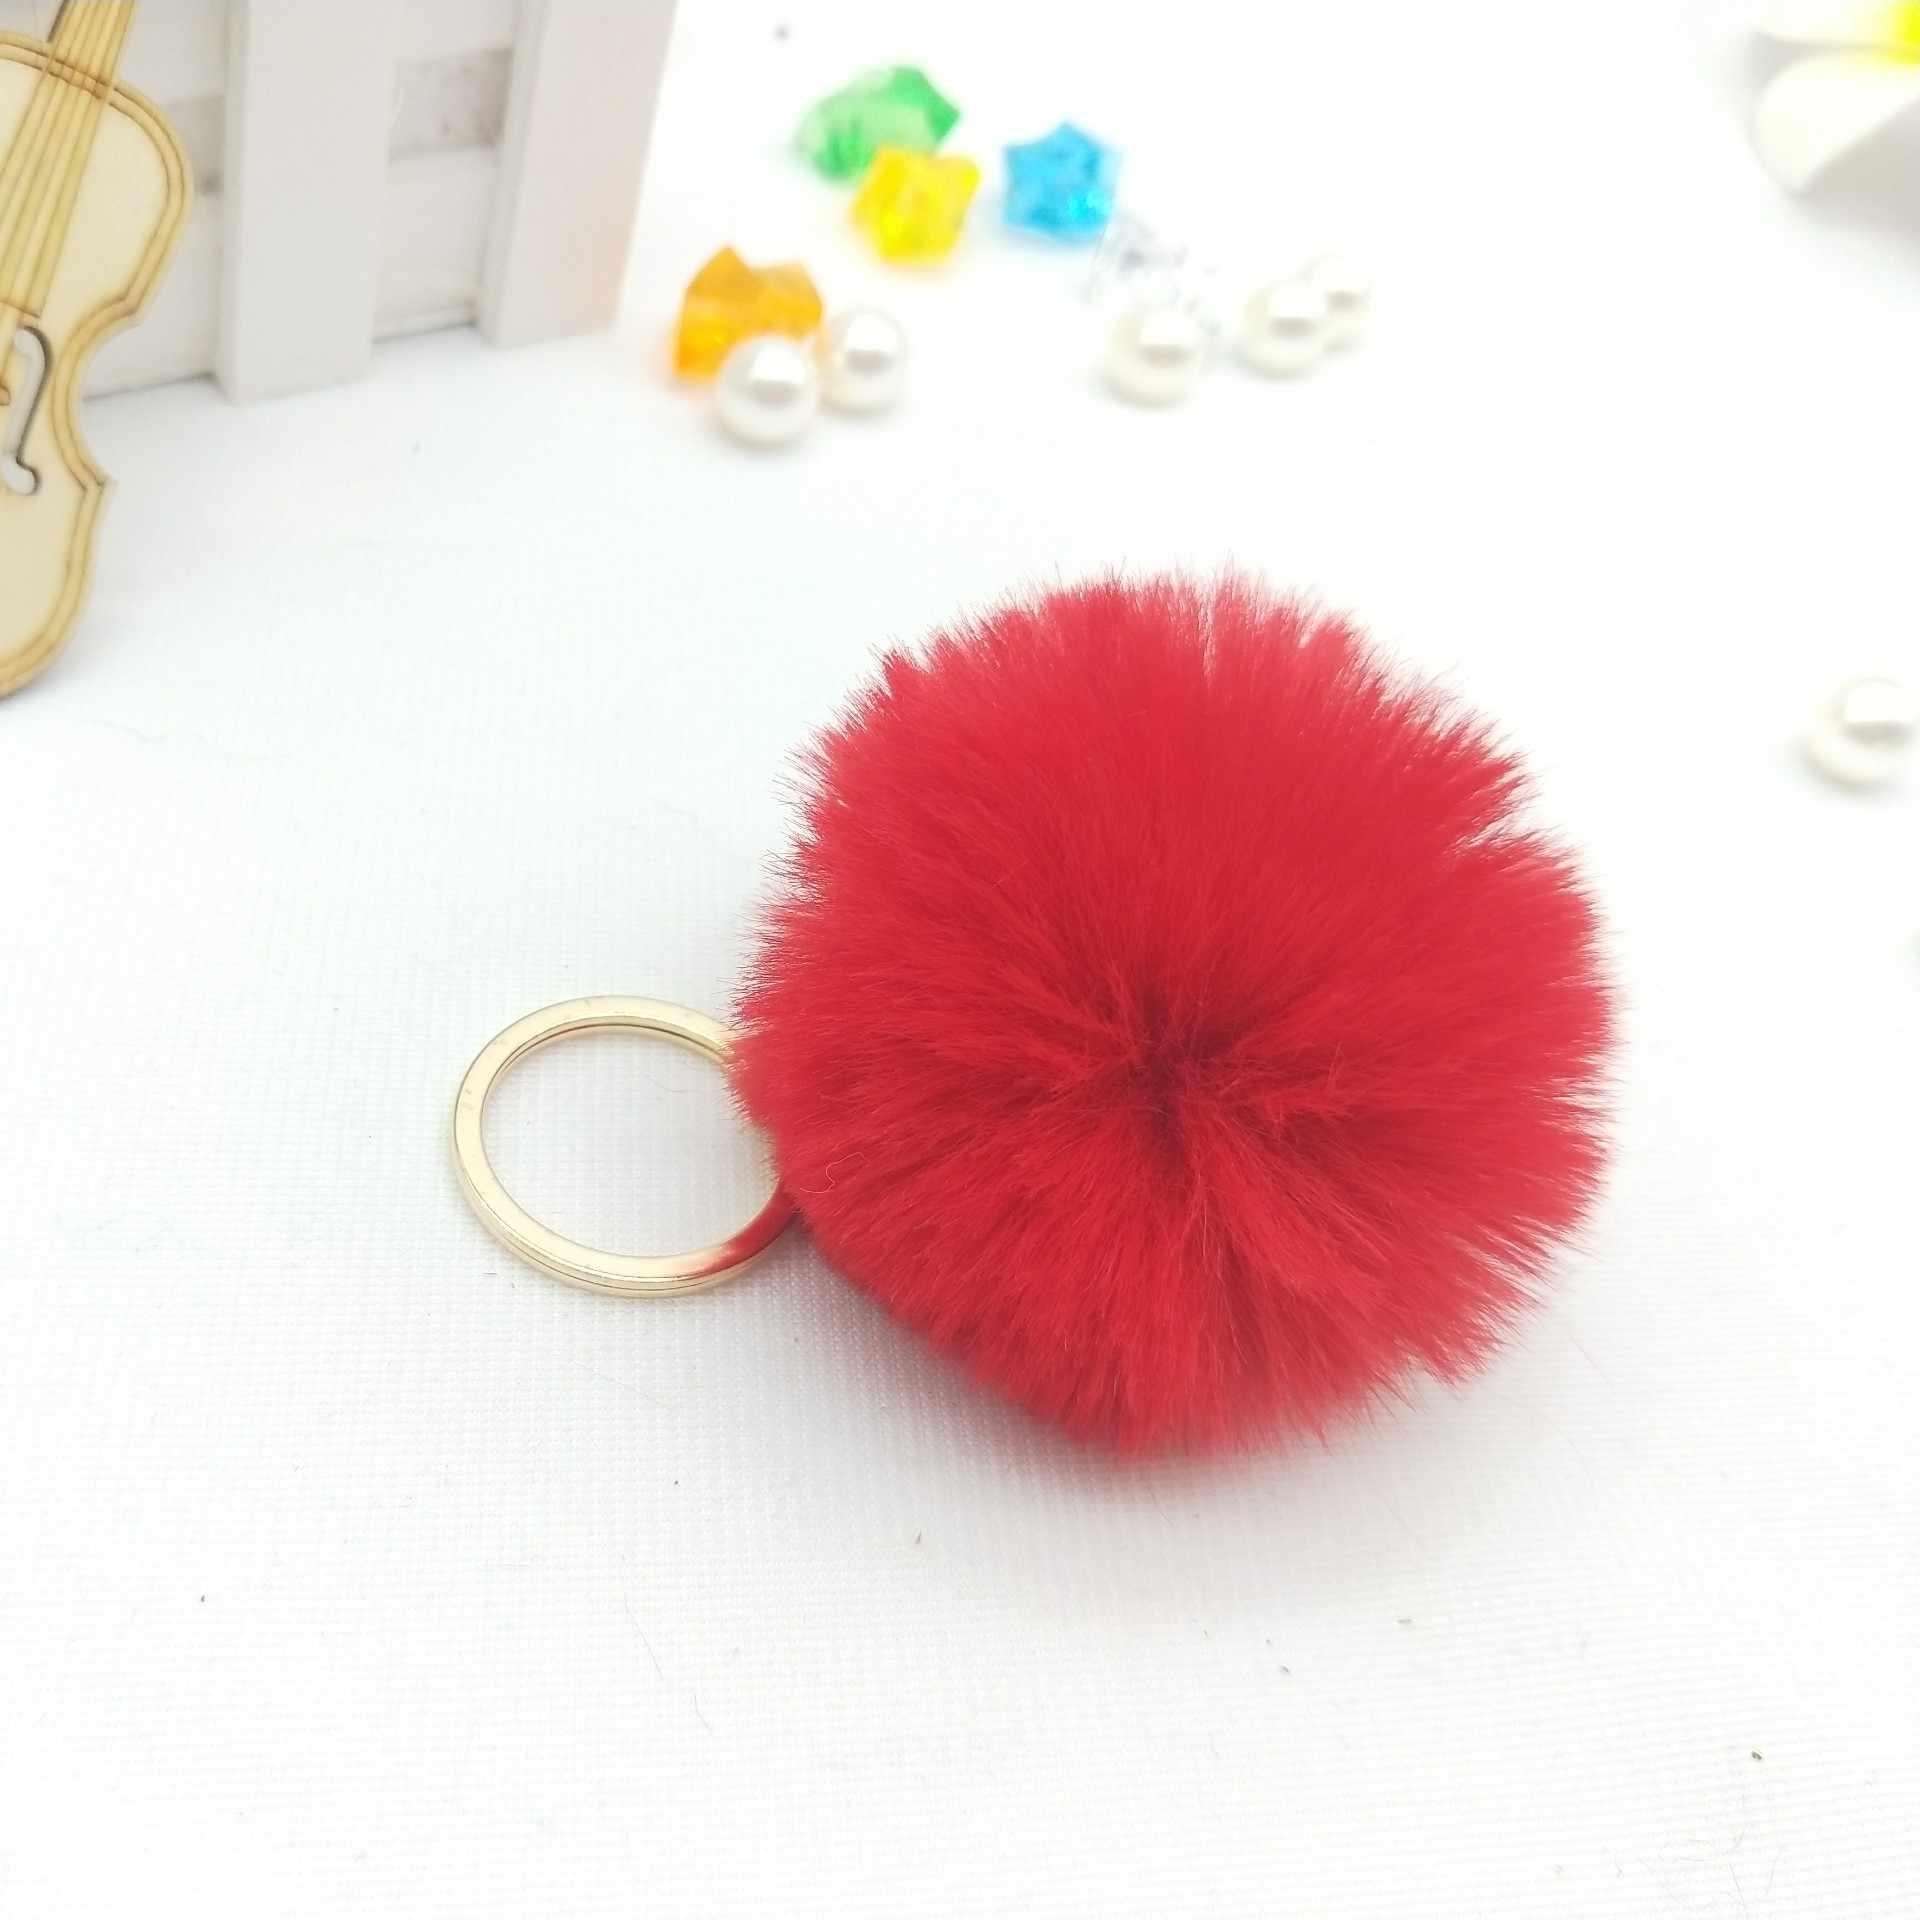 25 צבעים Keychain תכשיט פונפונים מחזיקי מפתחות נדל פרווה Keychain Pompom Pumponchik Keychain פרווה Llaveros Pompom Llaveros Mujer